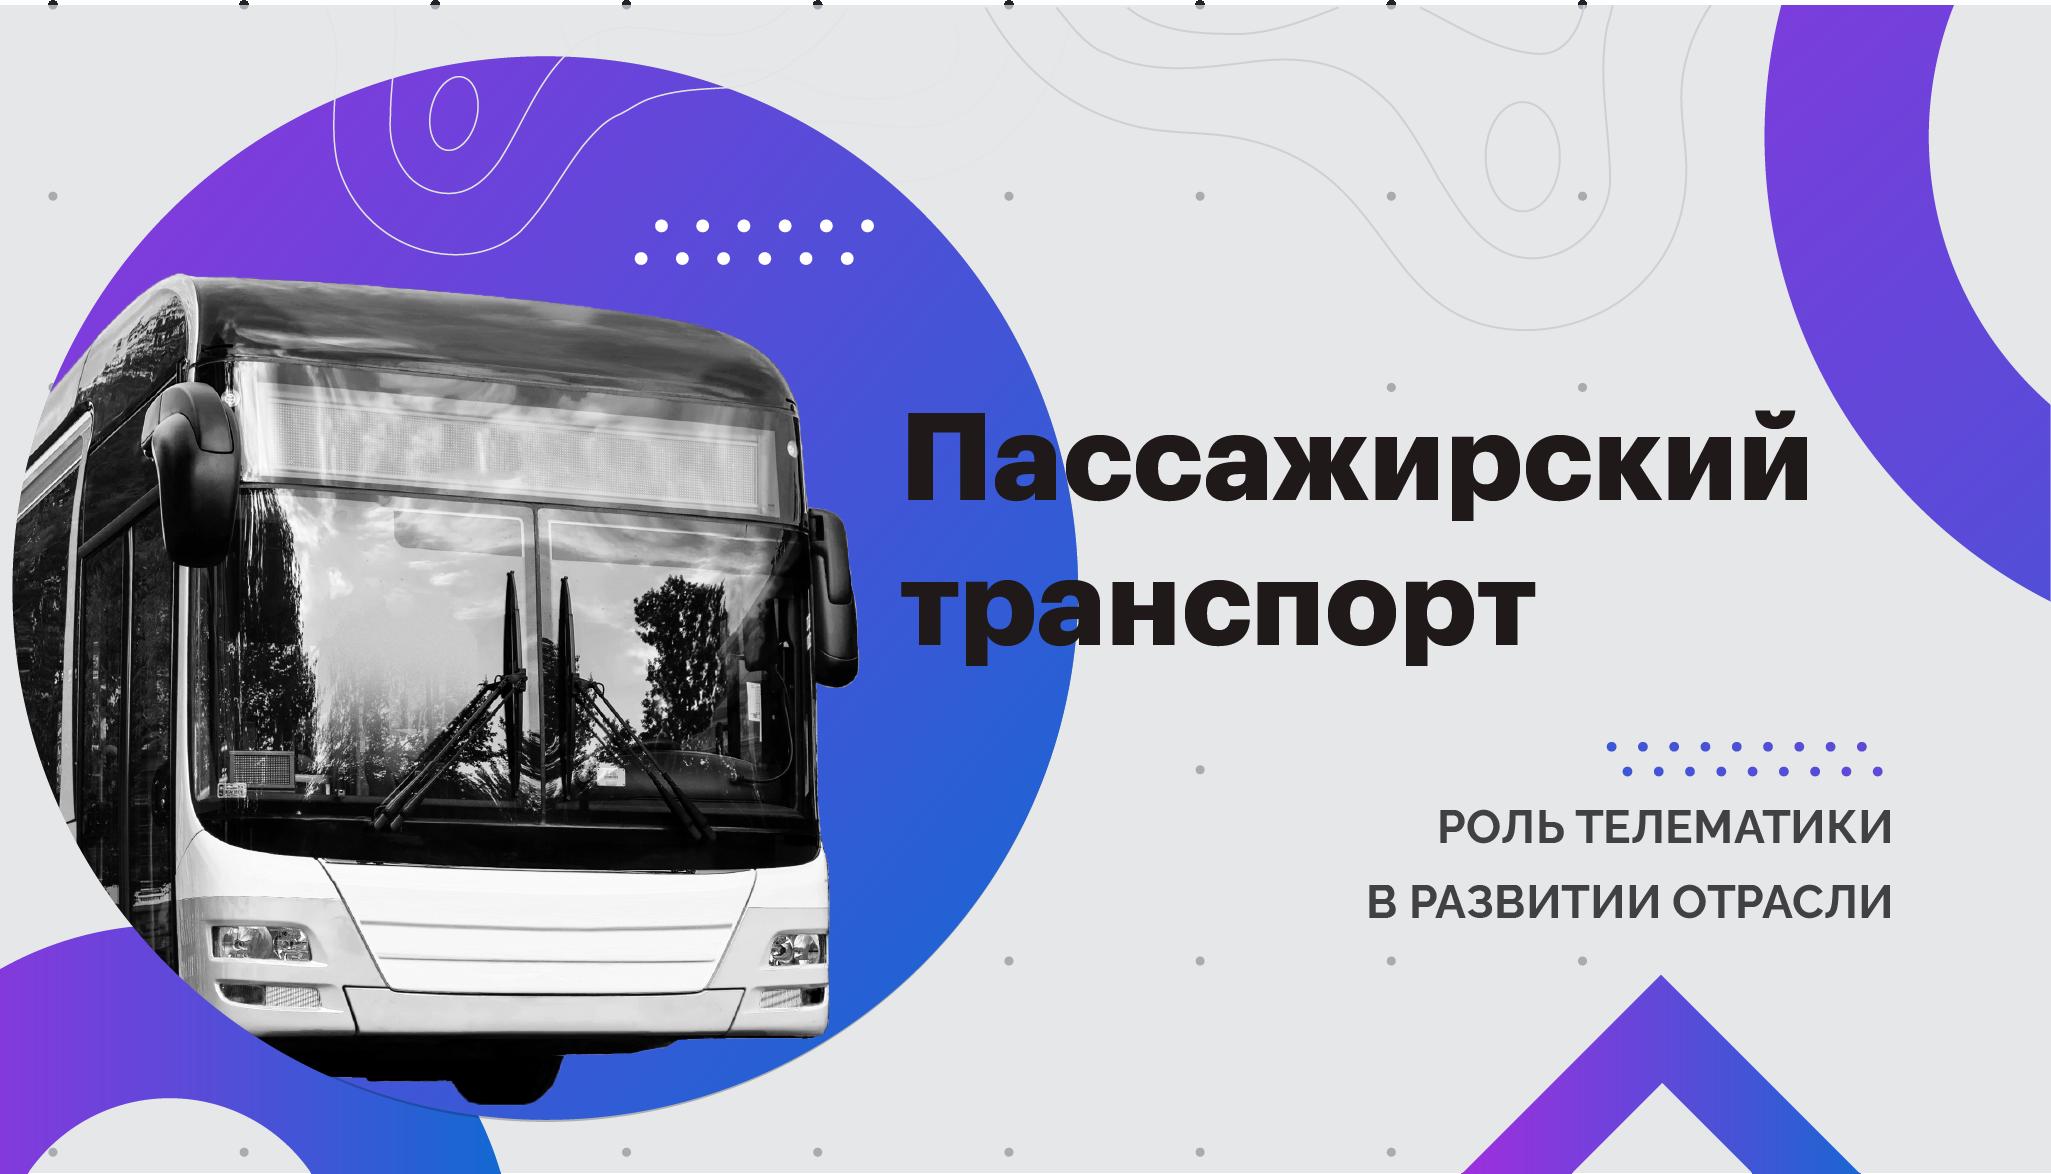 Пассажирский транспорт: роль телематики в развитии отрасли